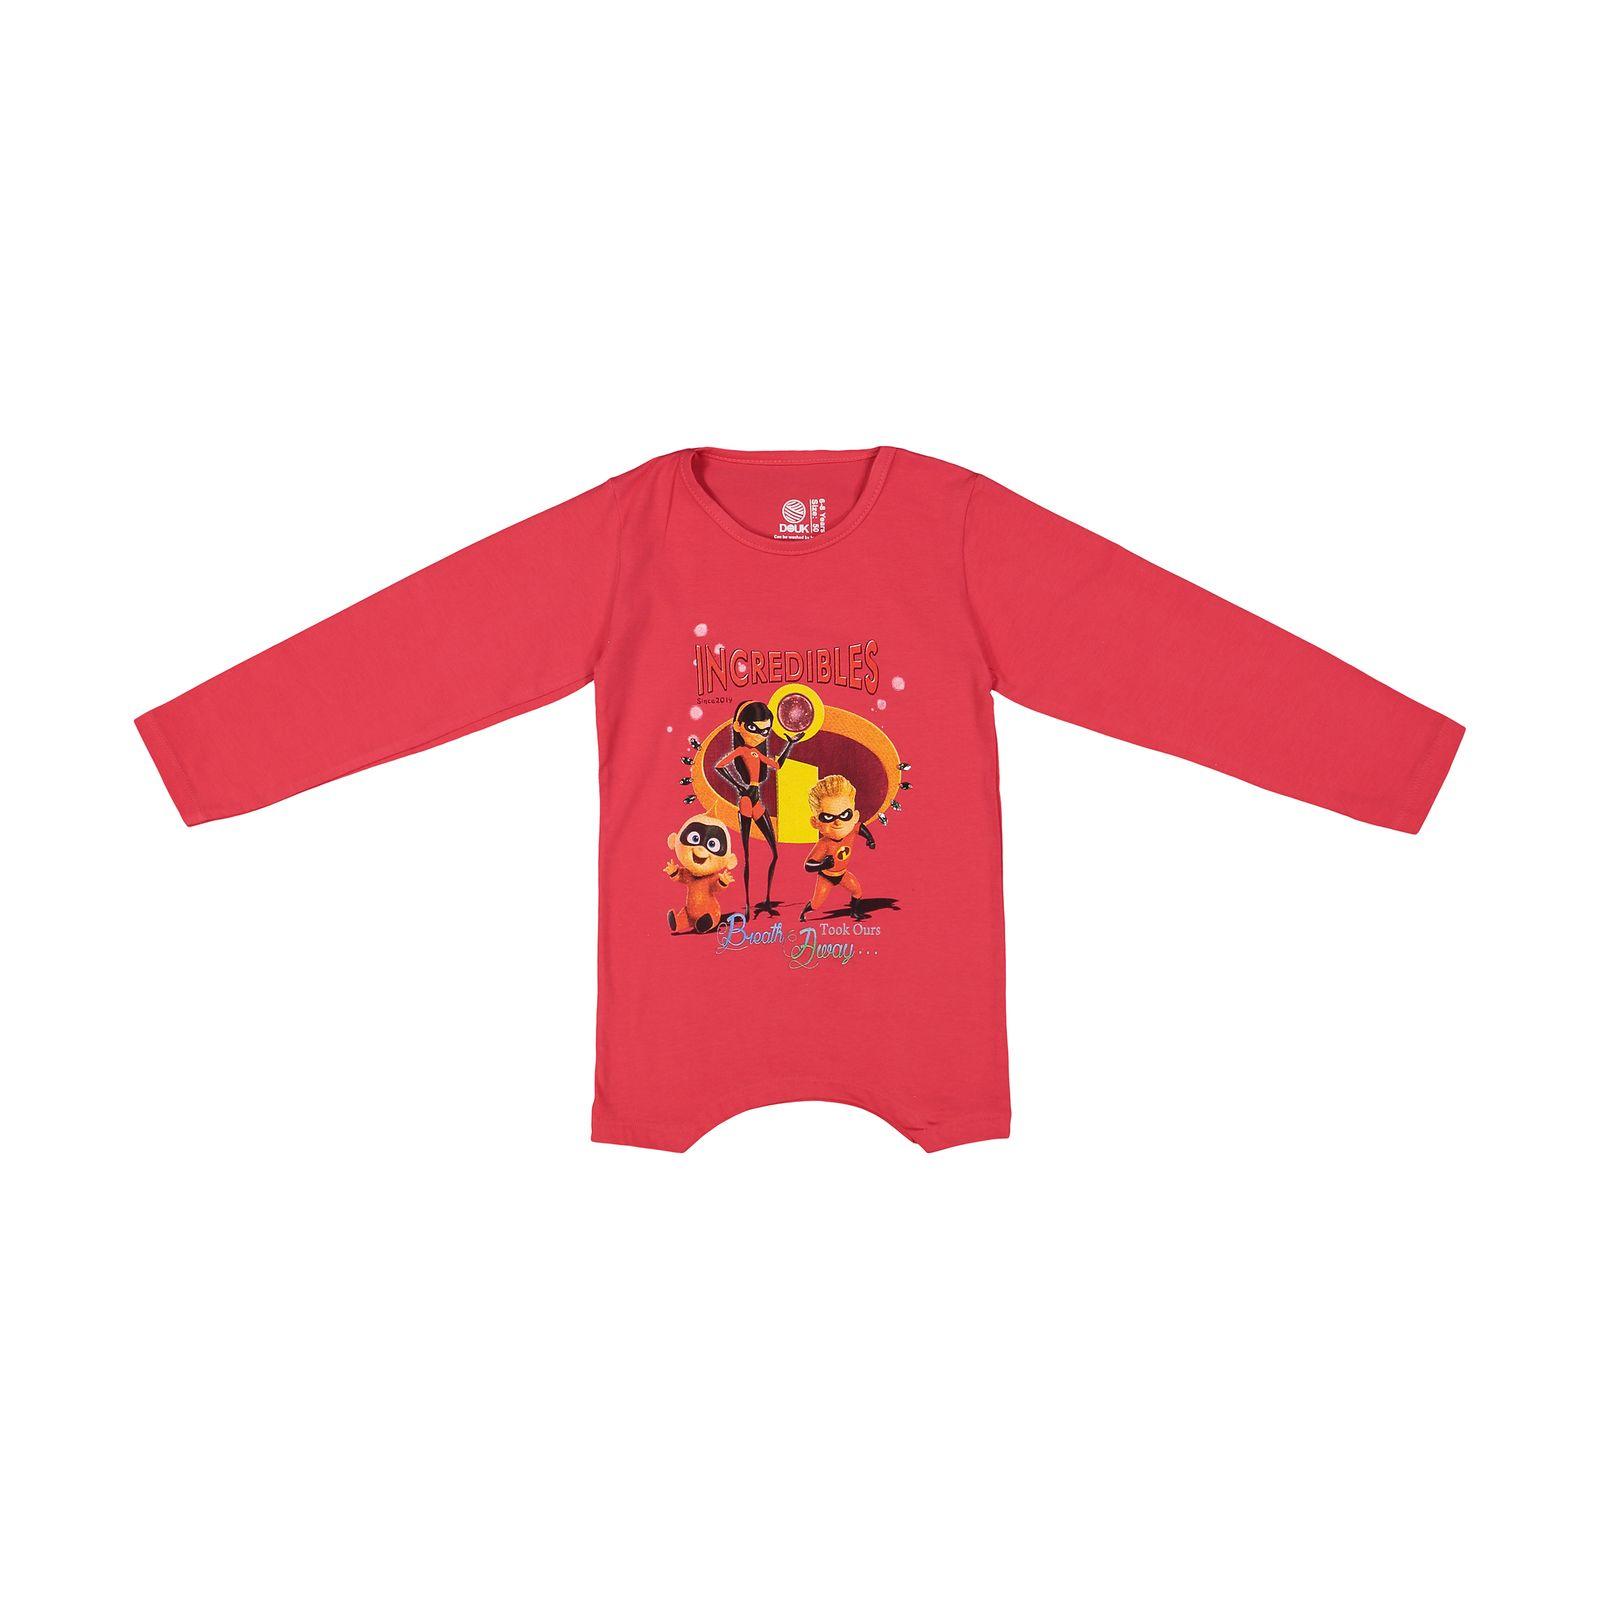 تی شرت دخترانه سون پون مدل 1391352-88 -  - 2